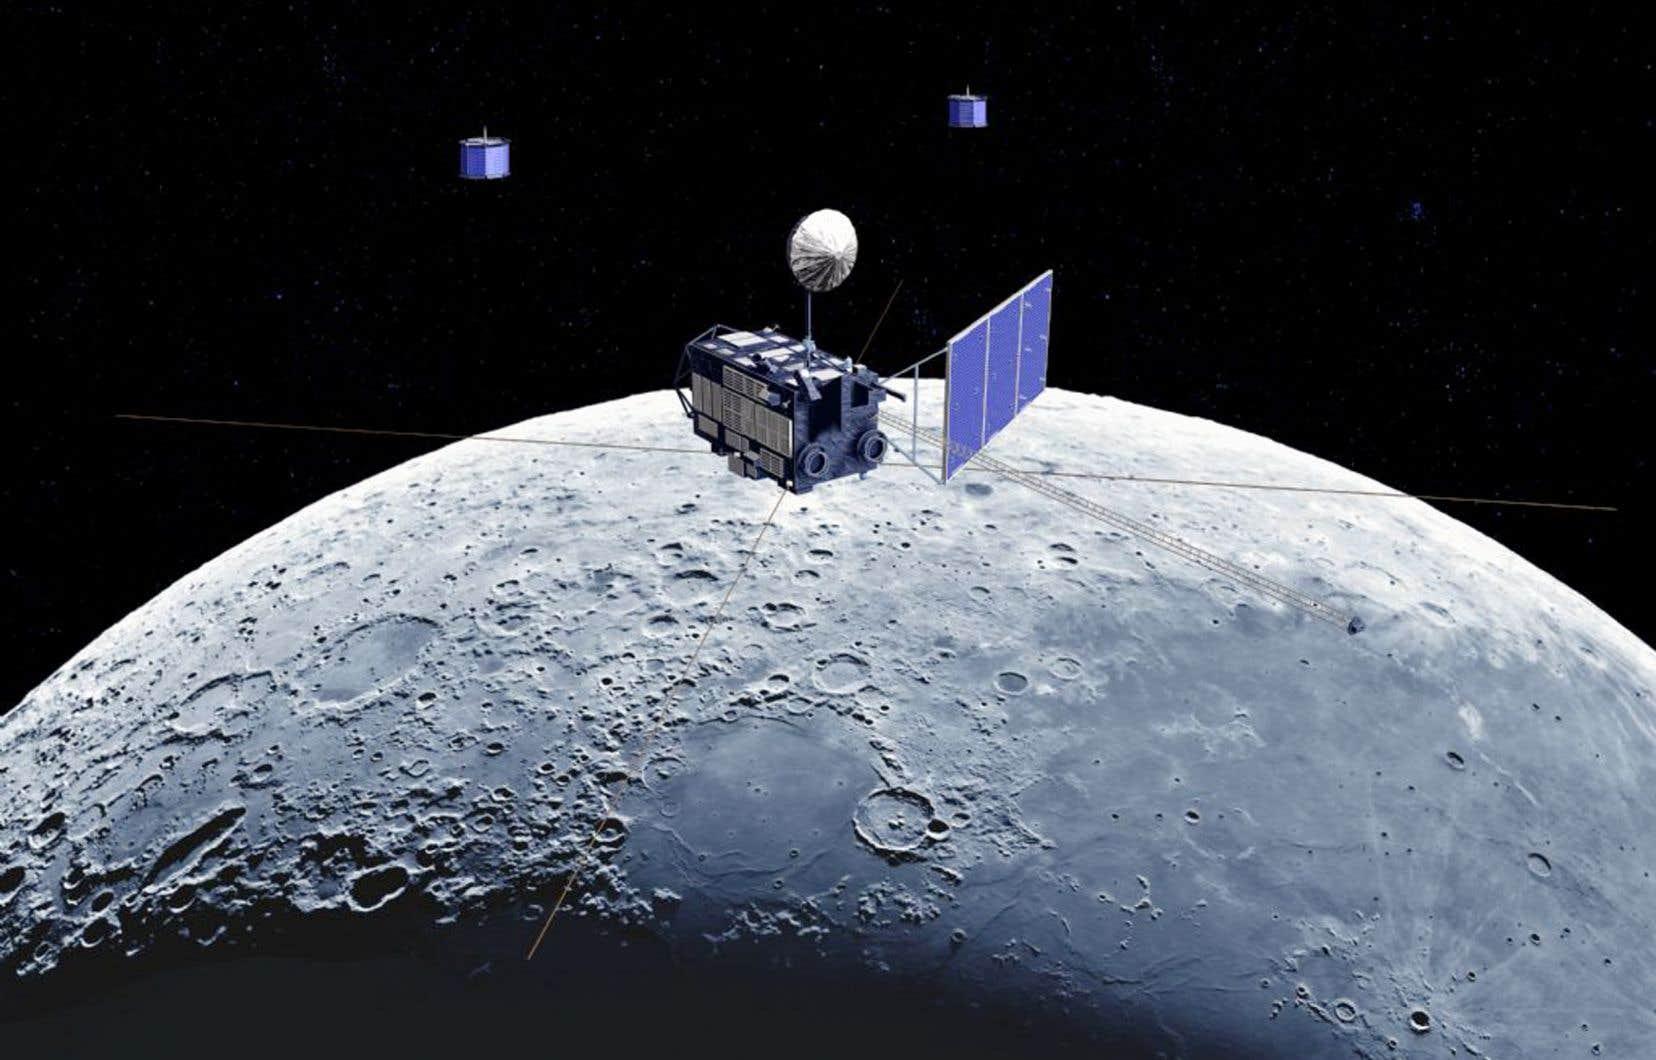 Illustration fournie par l'agence JAXA (Japan Exploration Agency) représentant la sonde japonaise Kaguya en survol lunaire